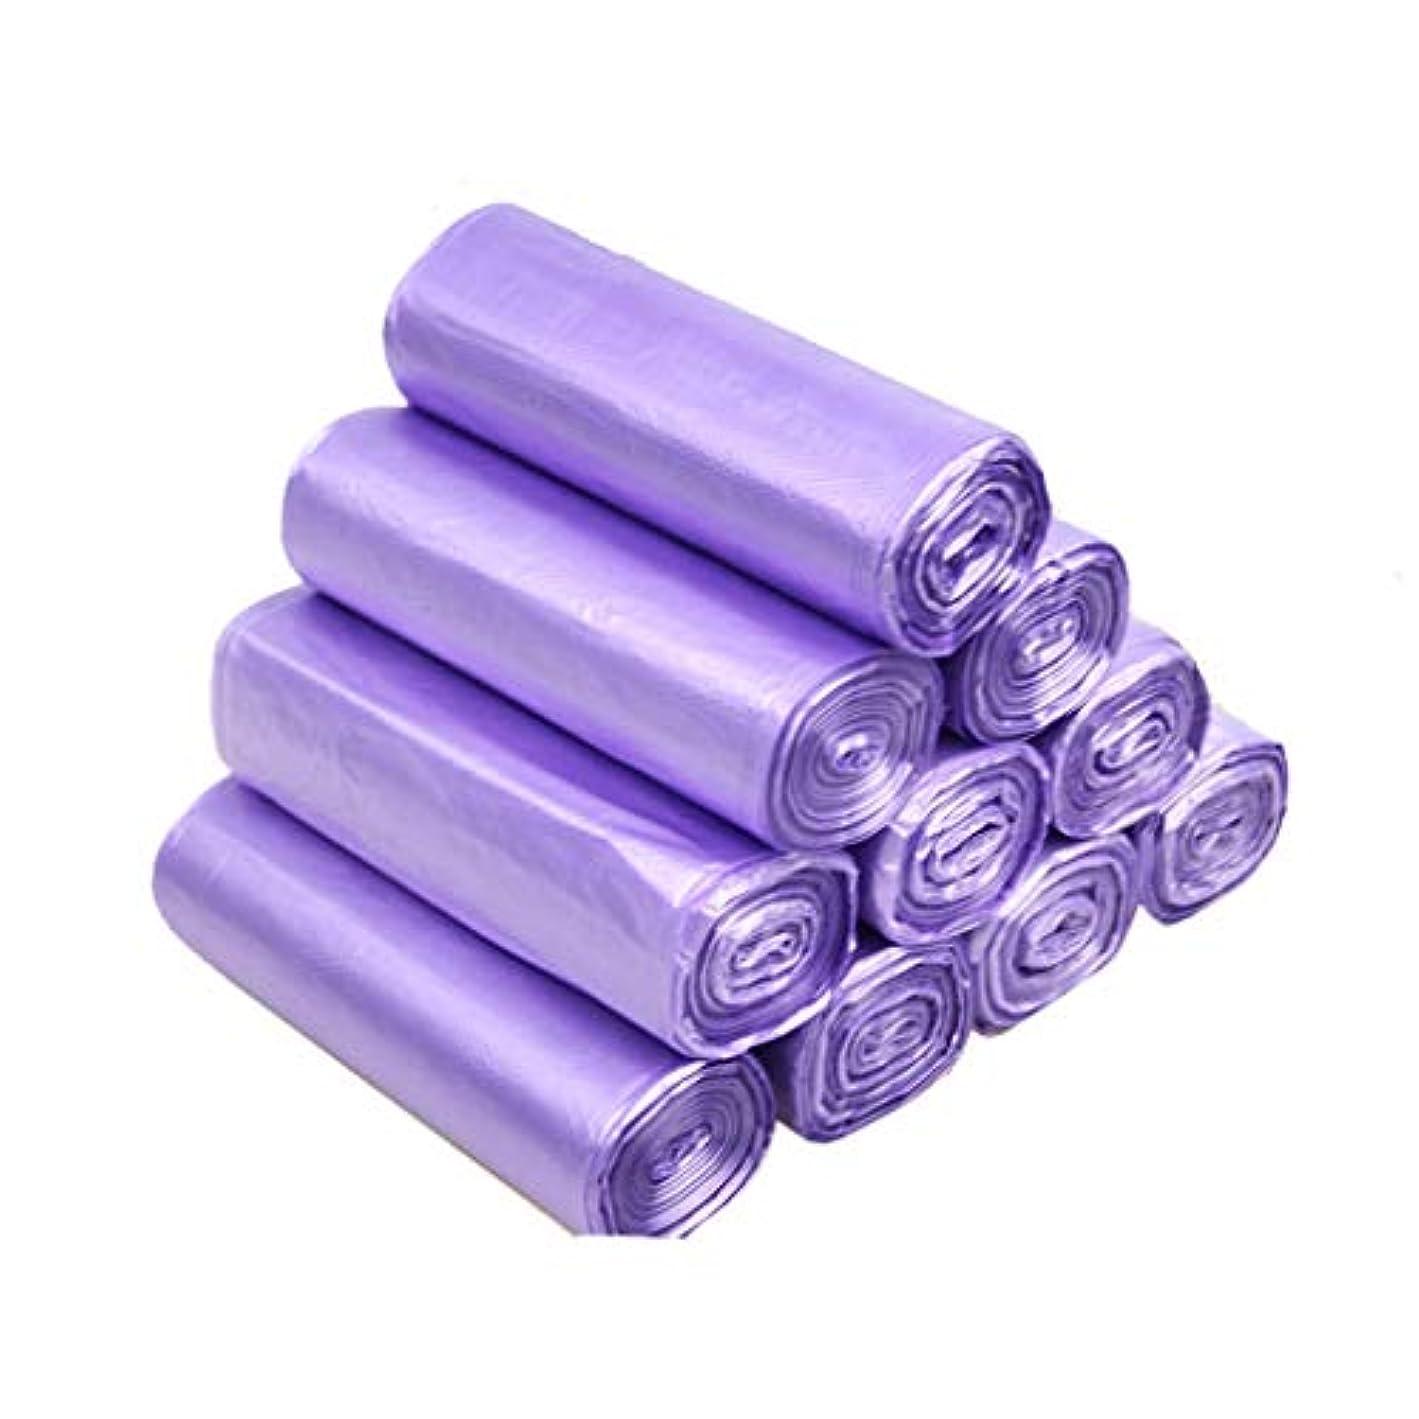 習字神コンピューターを使用する家庭用ゴミ袋ペダル袋小箱ヘビーデューティ長方形箱なしゴミ袋クロージングゴミ袋ゴミ箱ゴミ袋PE食品ゴミ袋ゴミ袋(サイズ:45×50cm) (サイズ さいず : 10 rolls of incense 200 bags)